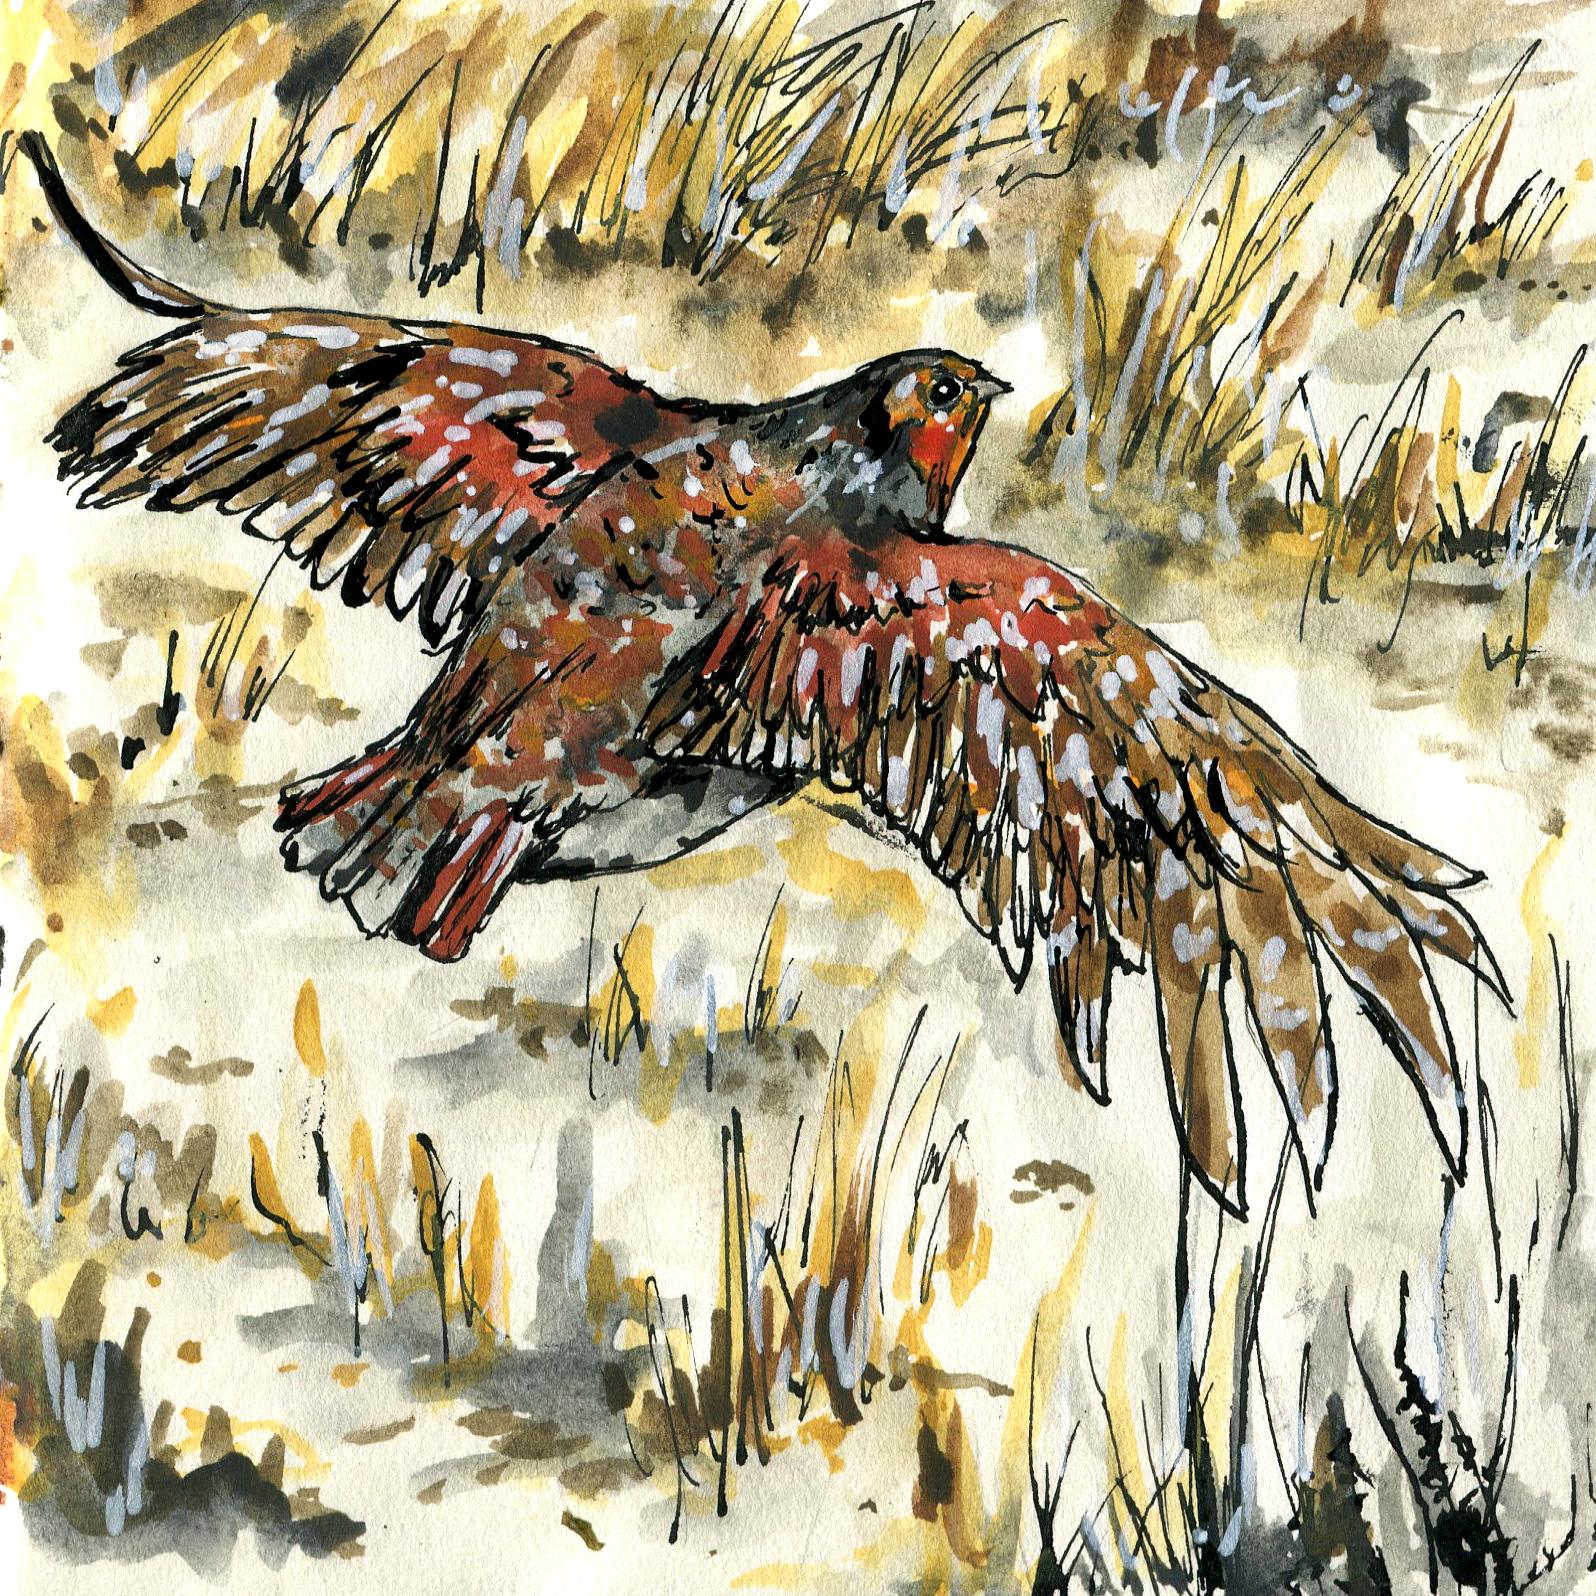 296. Gray Partridge